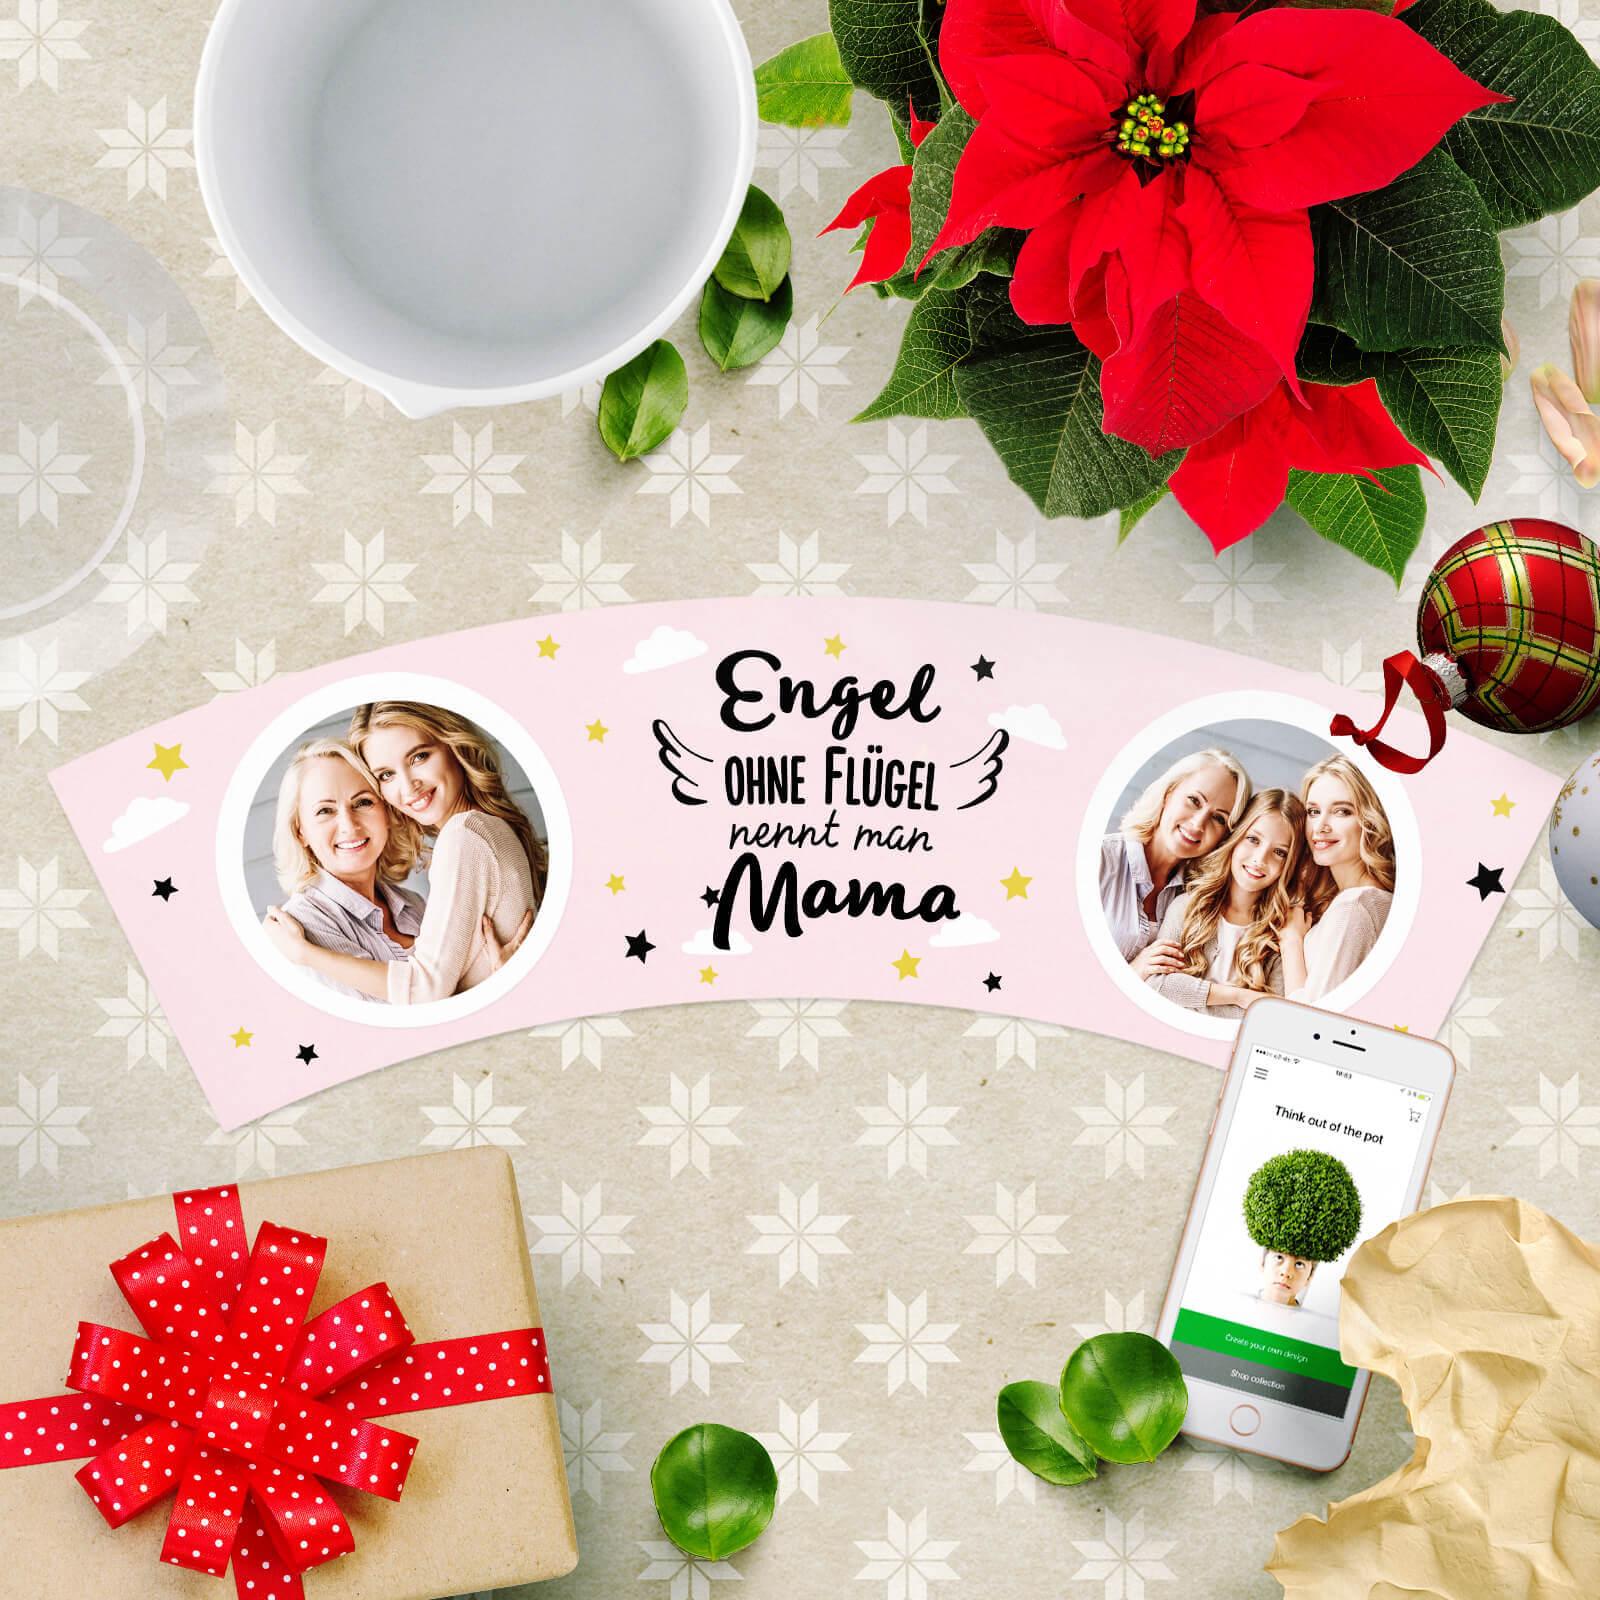 Geschenkideen für Mama Zu Weihnachten - Engel Ohne Flügel